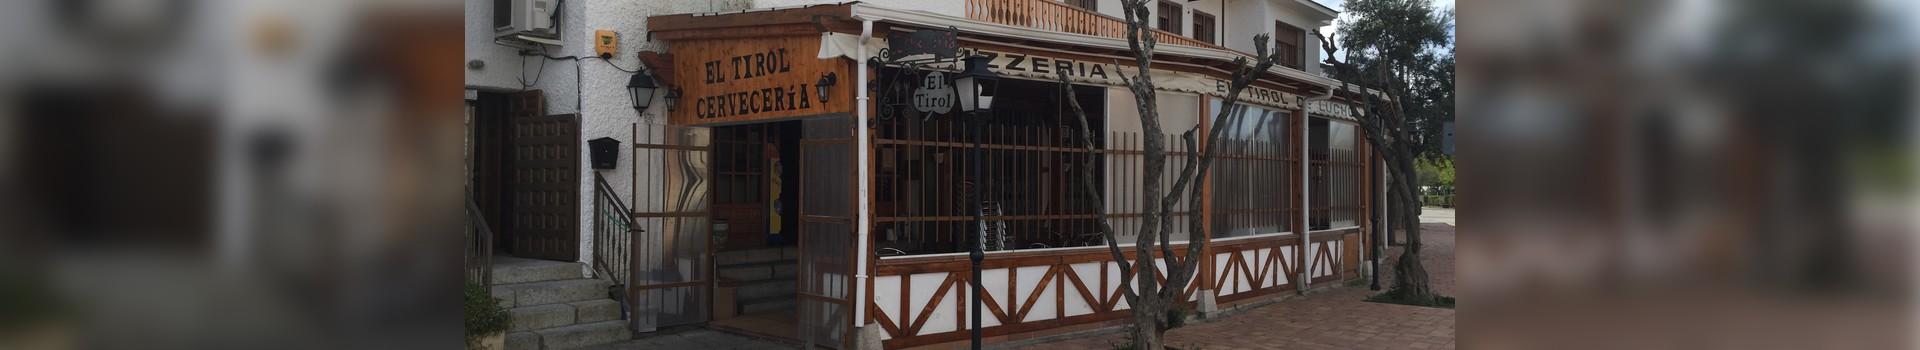 restaurante para moteros en sierra norte, restaurante para moteros navalafuente